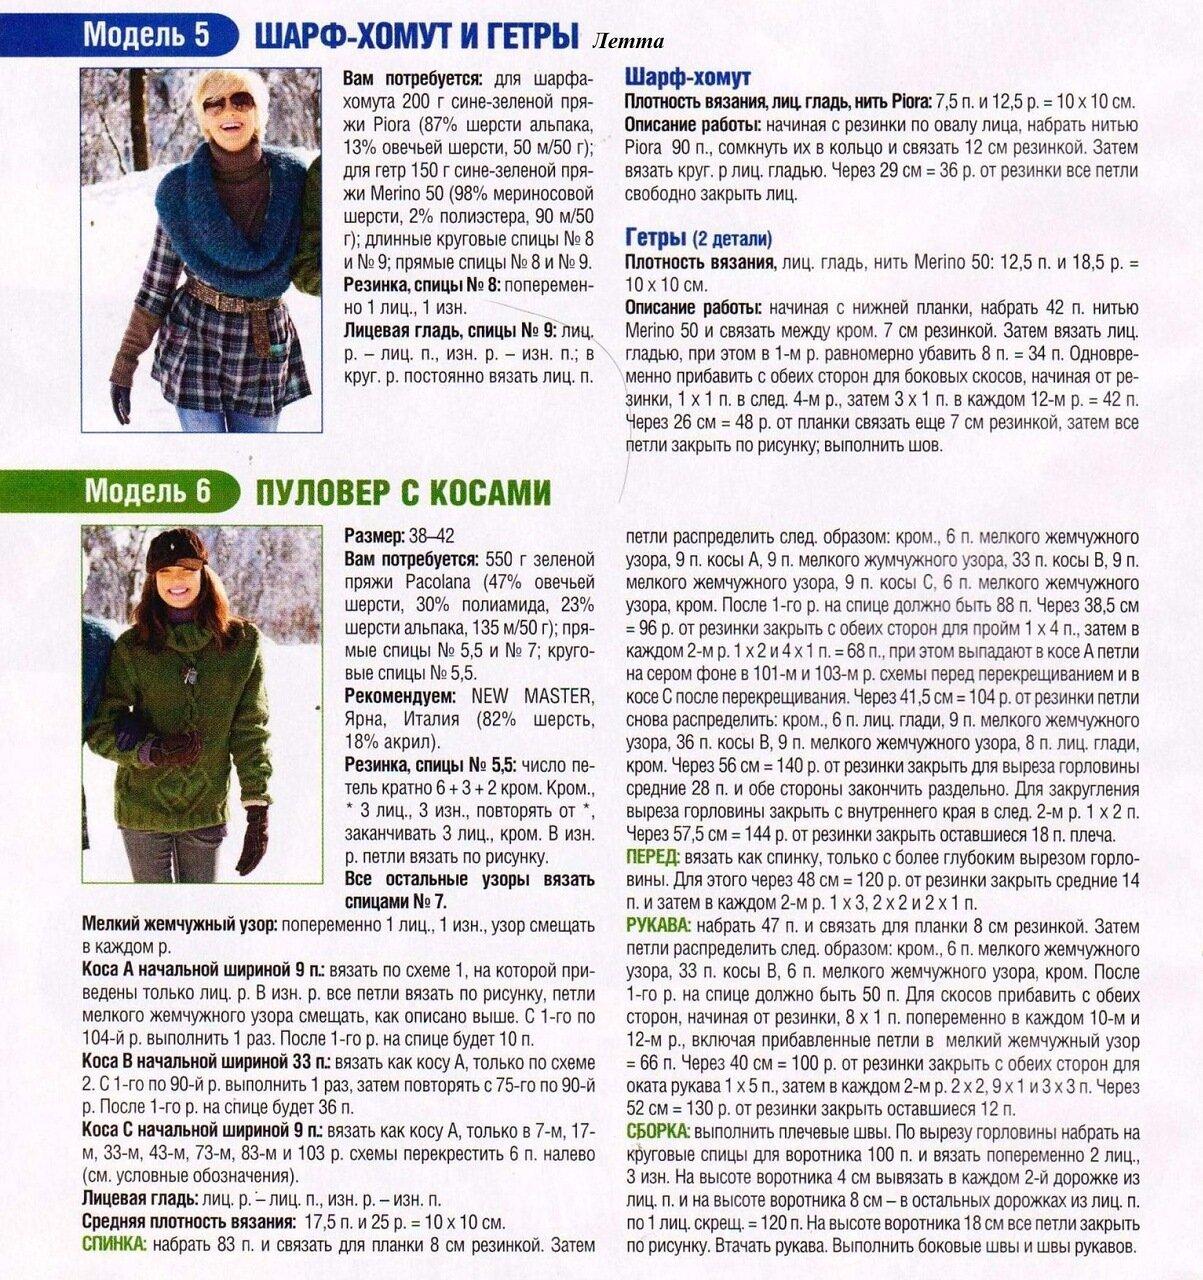 Вязаные шарфы 2018-2018 со схемами спицами женские с описанием и фото